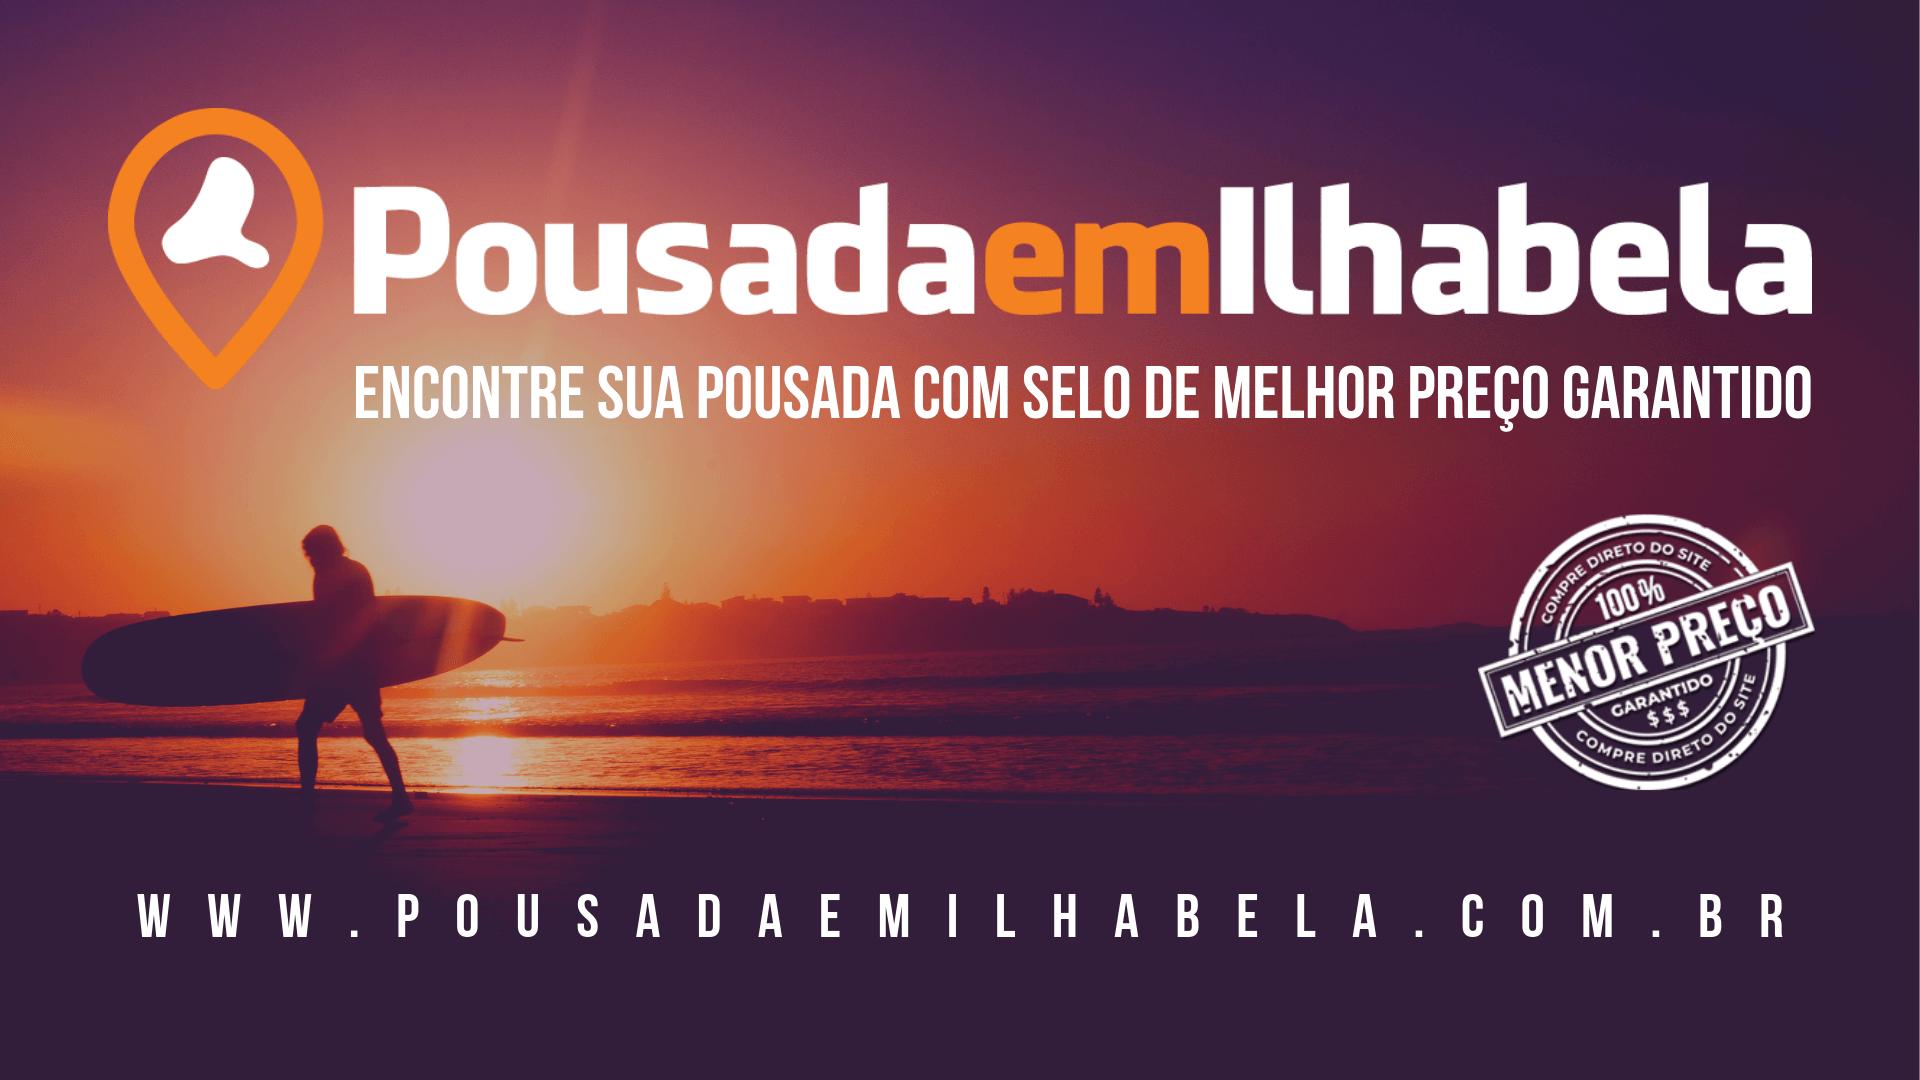 (c) Pousadaemilhabela.com.br